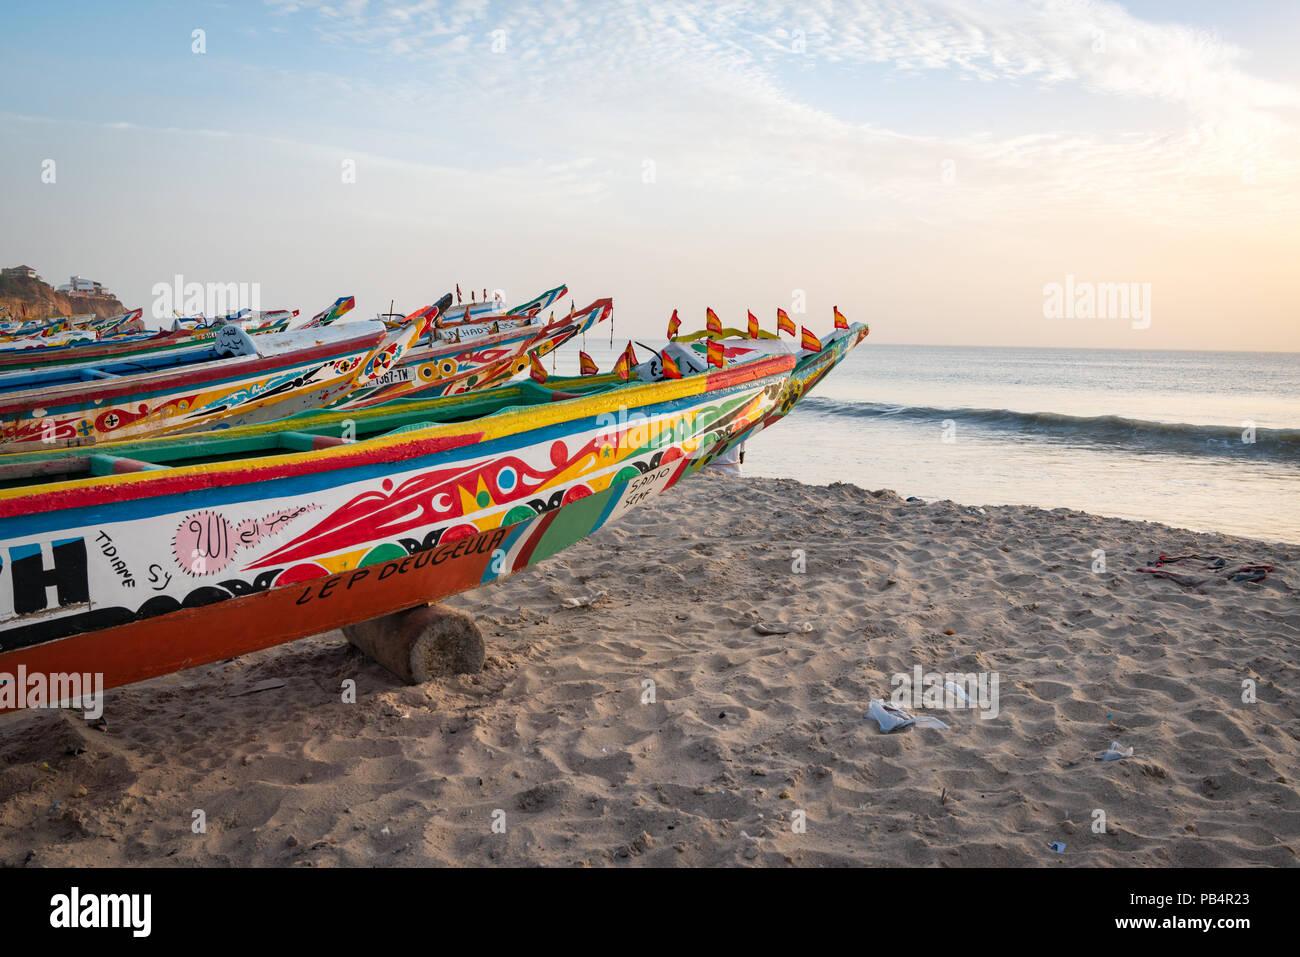 Bateaux colorés sur la plage de Toubab Dialao, Sénégal Photo Stock